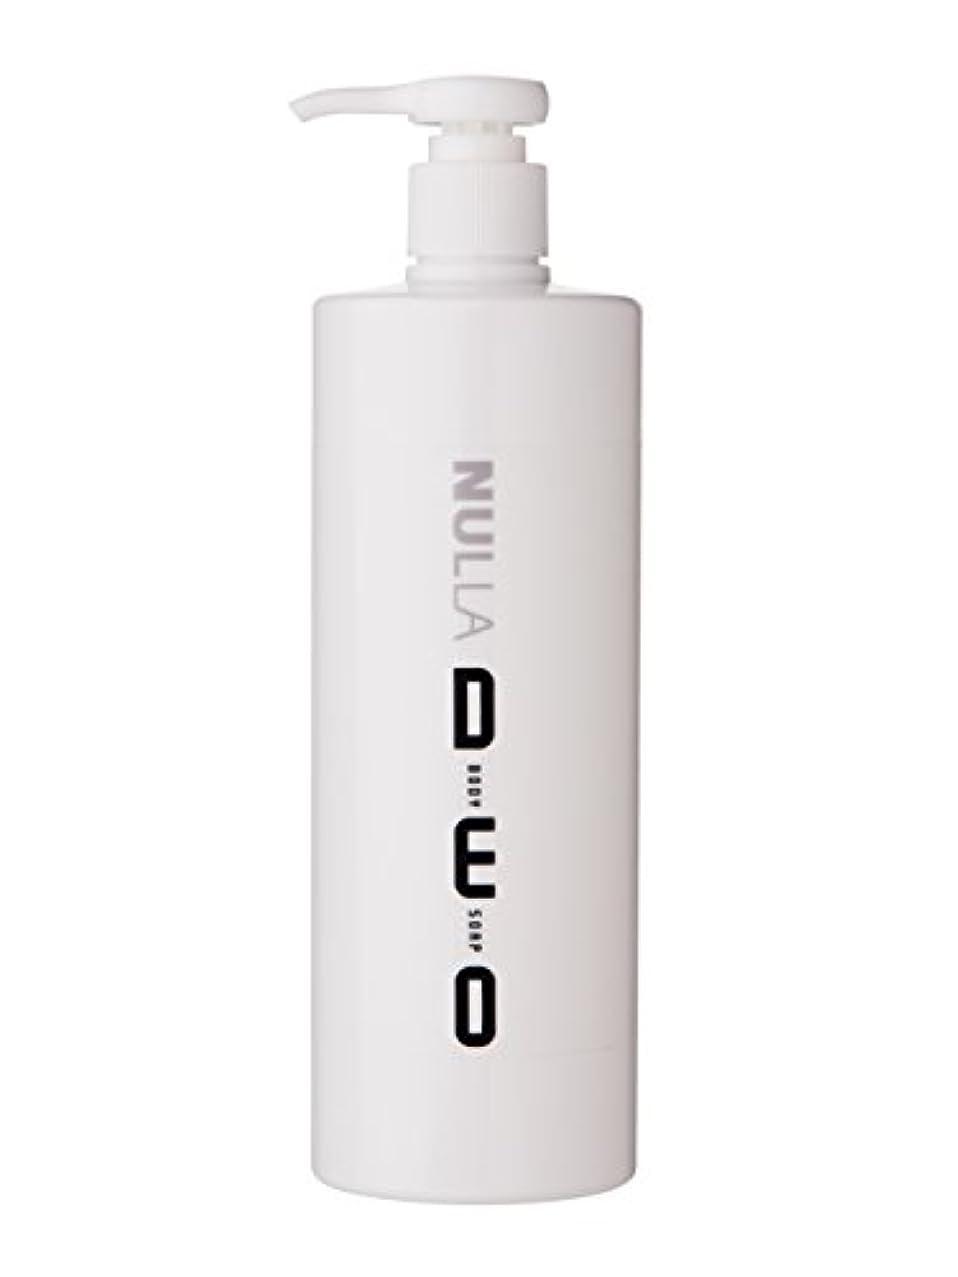 ボアモットーヒューマニスティックNULLA(ヌーラ) ヌーラデオ ボディソープ [ニオイ菌を抑制] 500ml 日本製 加齢臭 体臭 対策 シャボンの香り